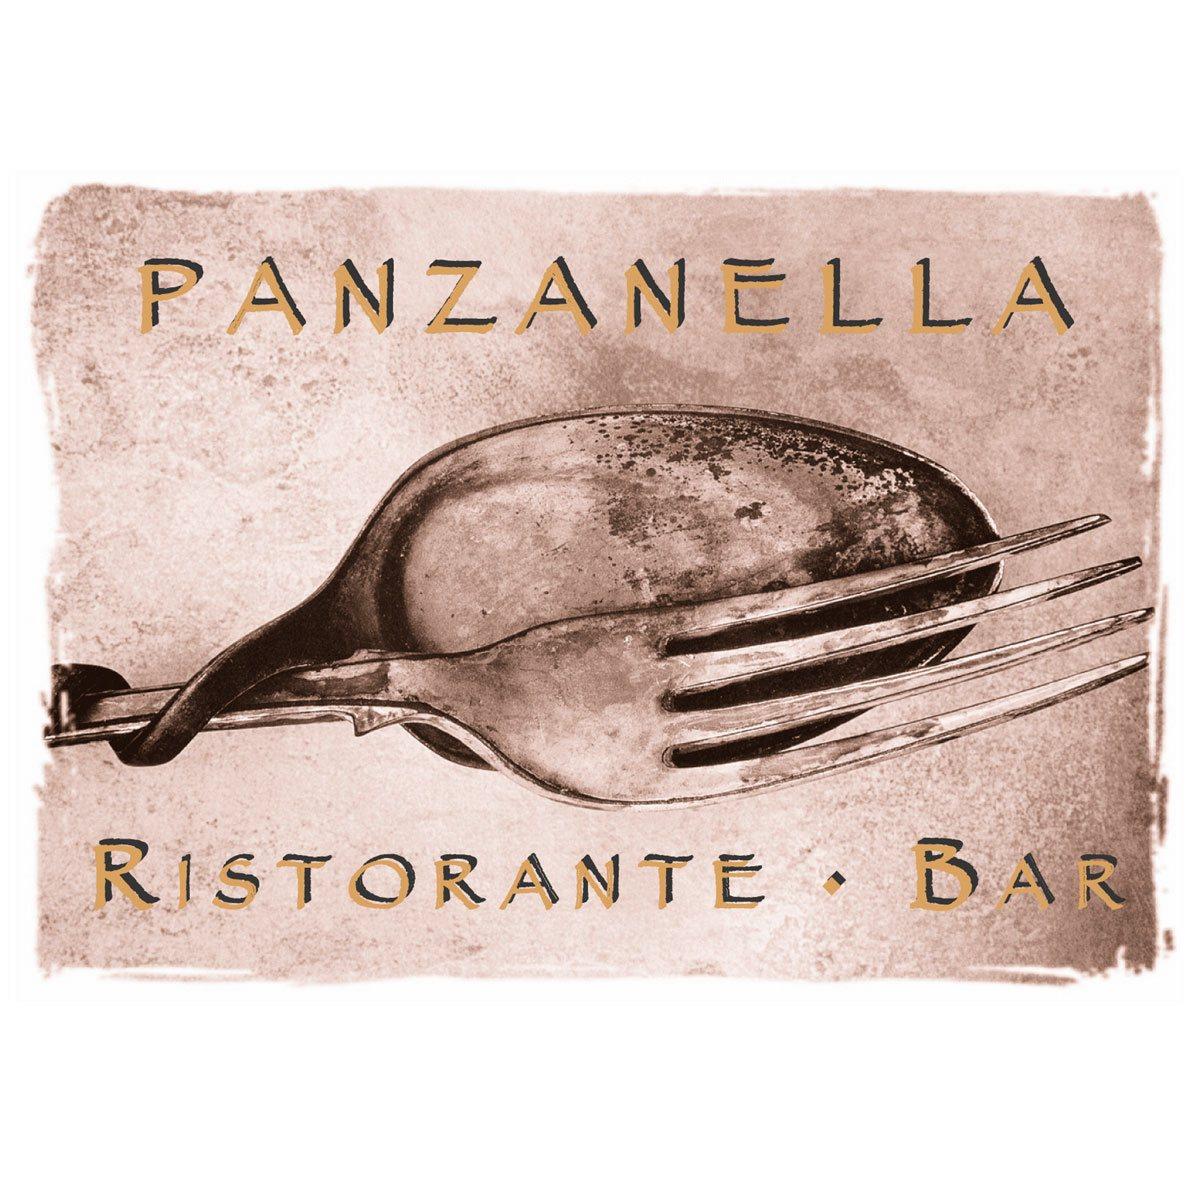 Panzanella Ristorante